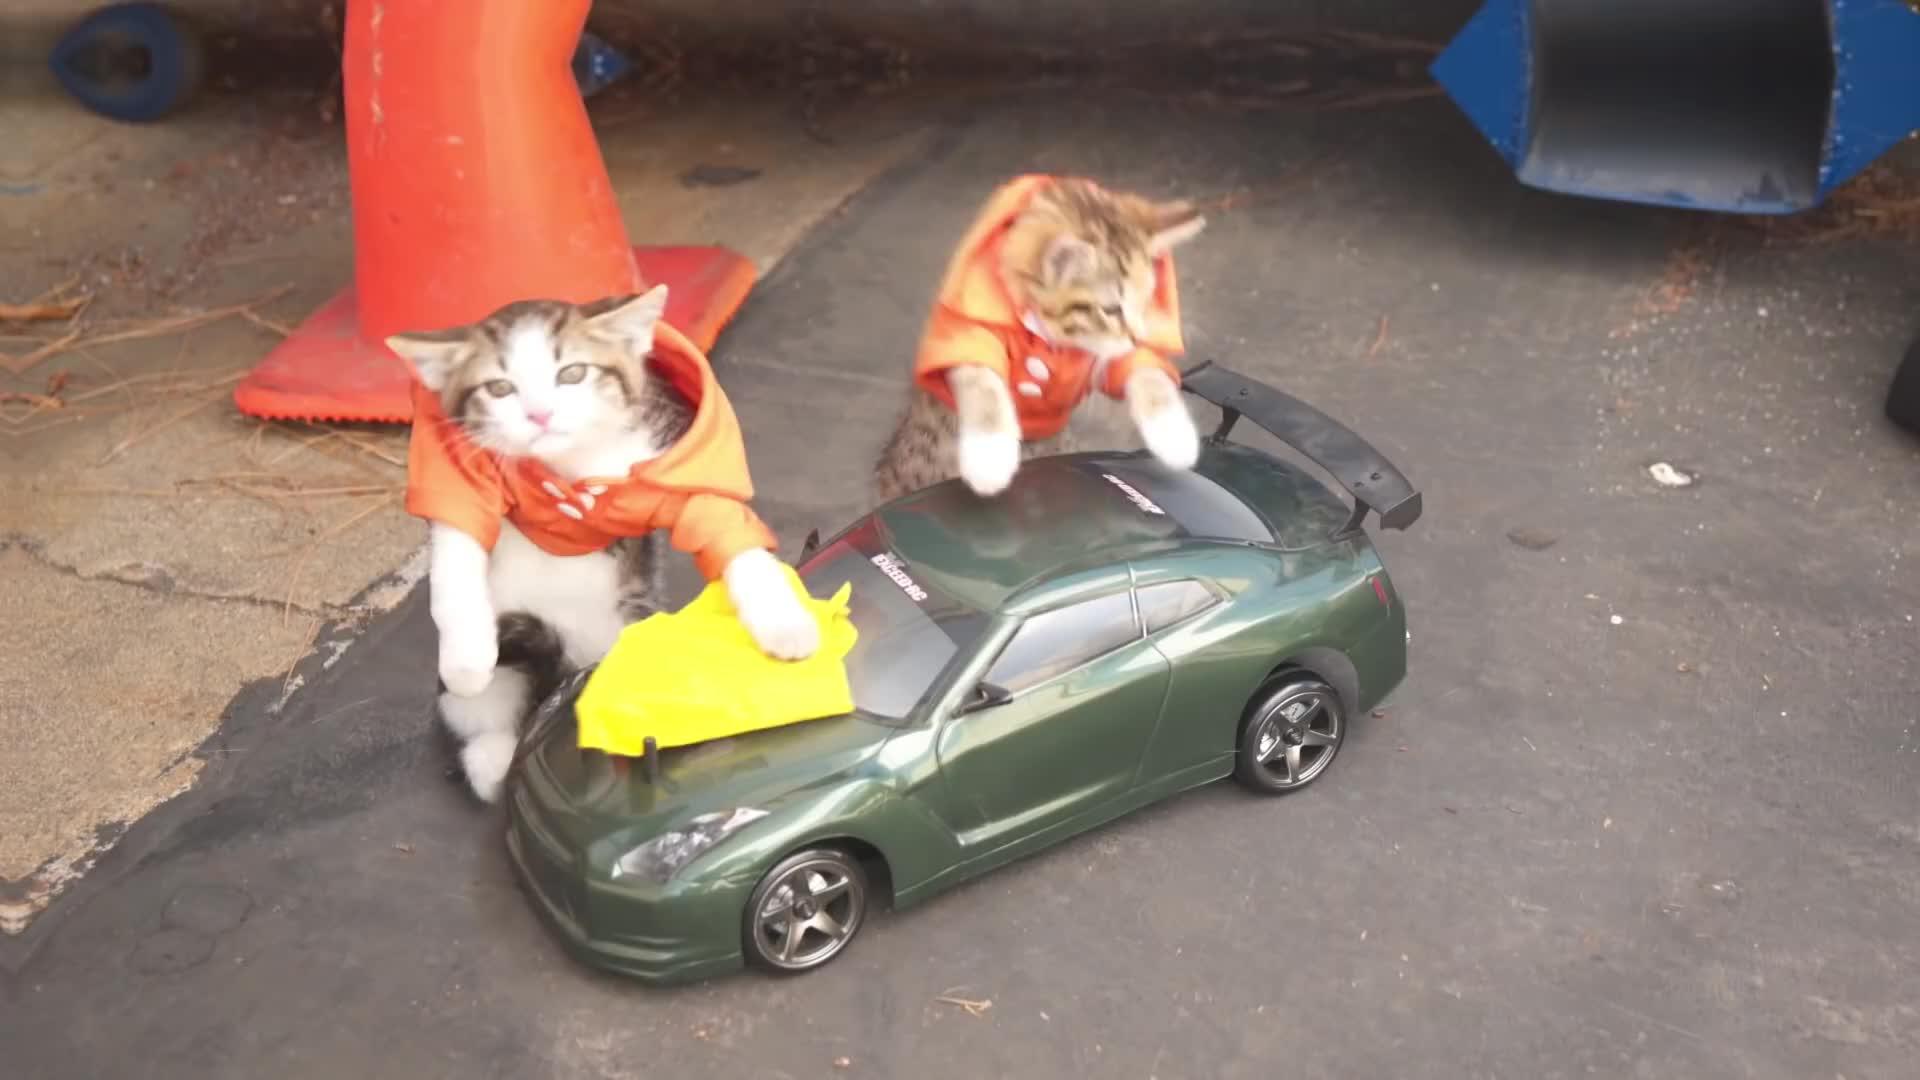 开敞篷跑车的蓝猫与骑电驴的猫咪竞速对决,最终的赢家却是斗牛犬